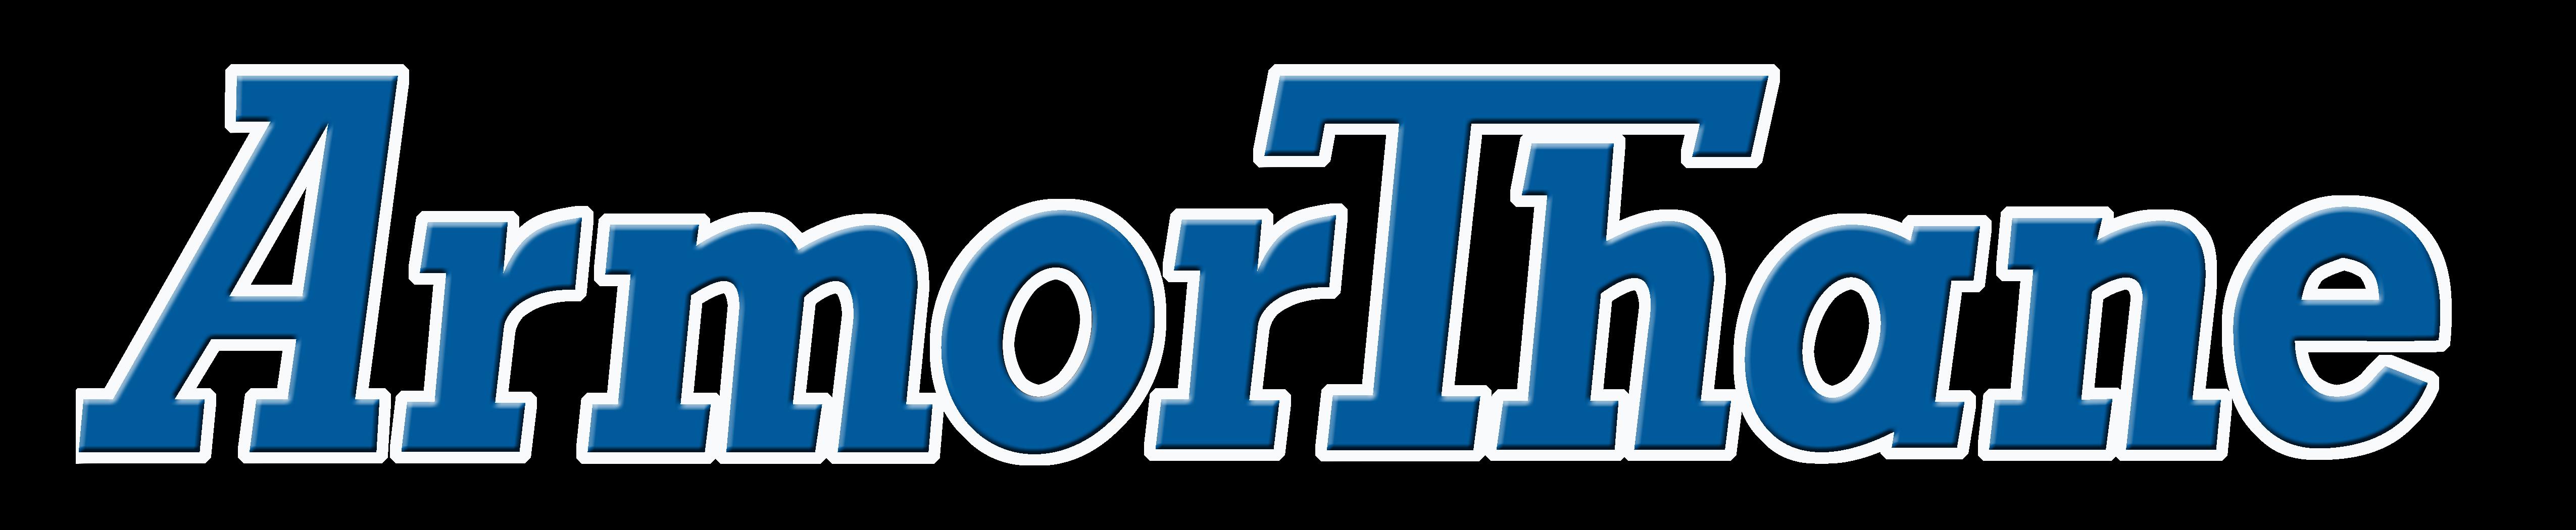 AT name logo 15 in